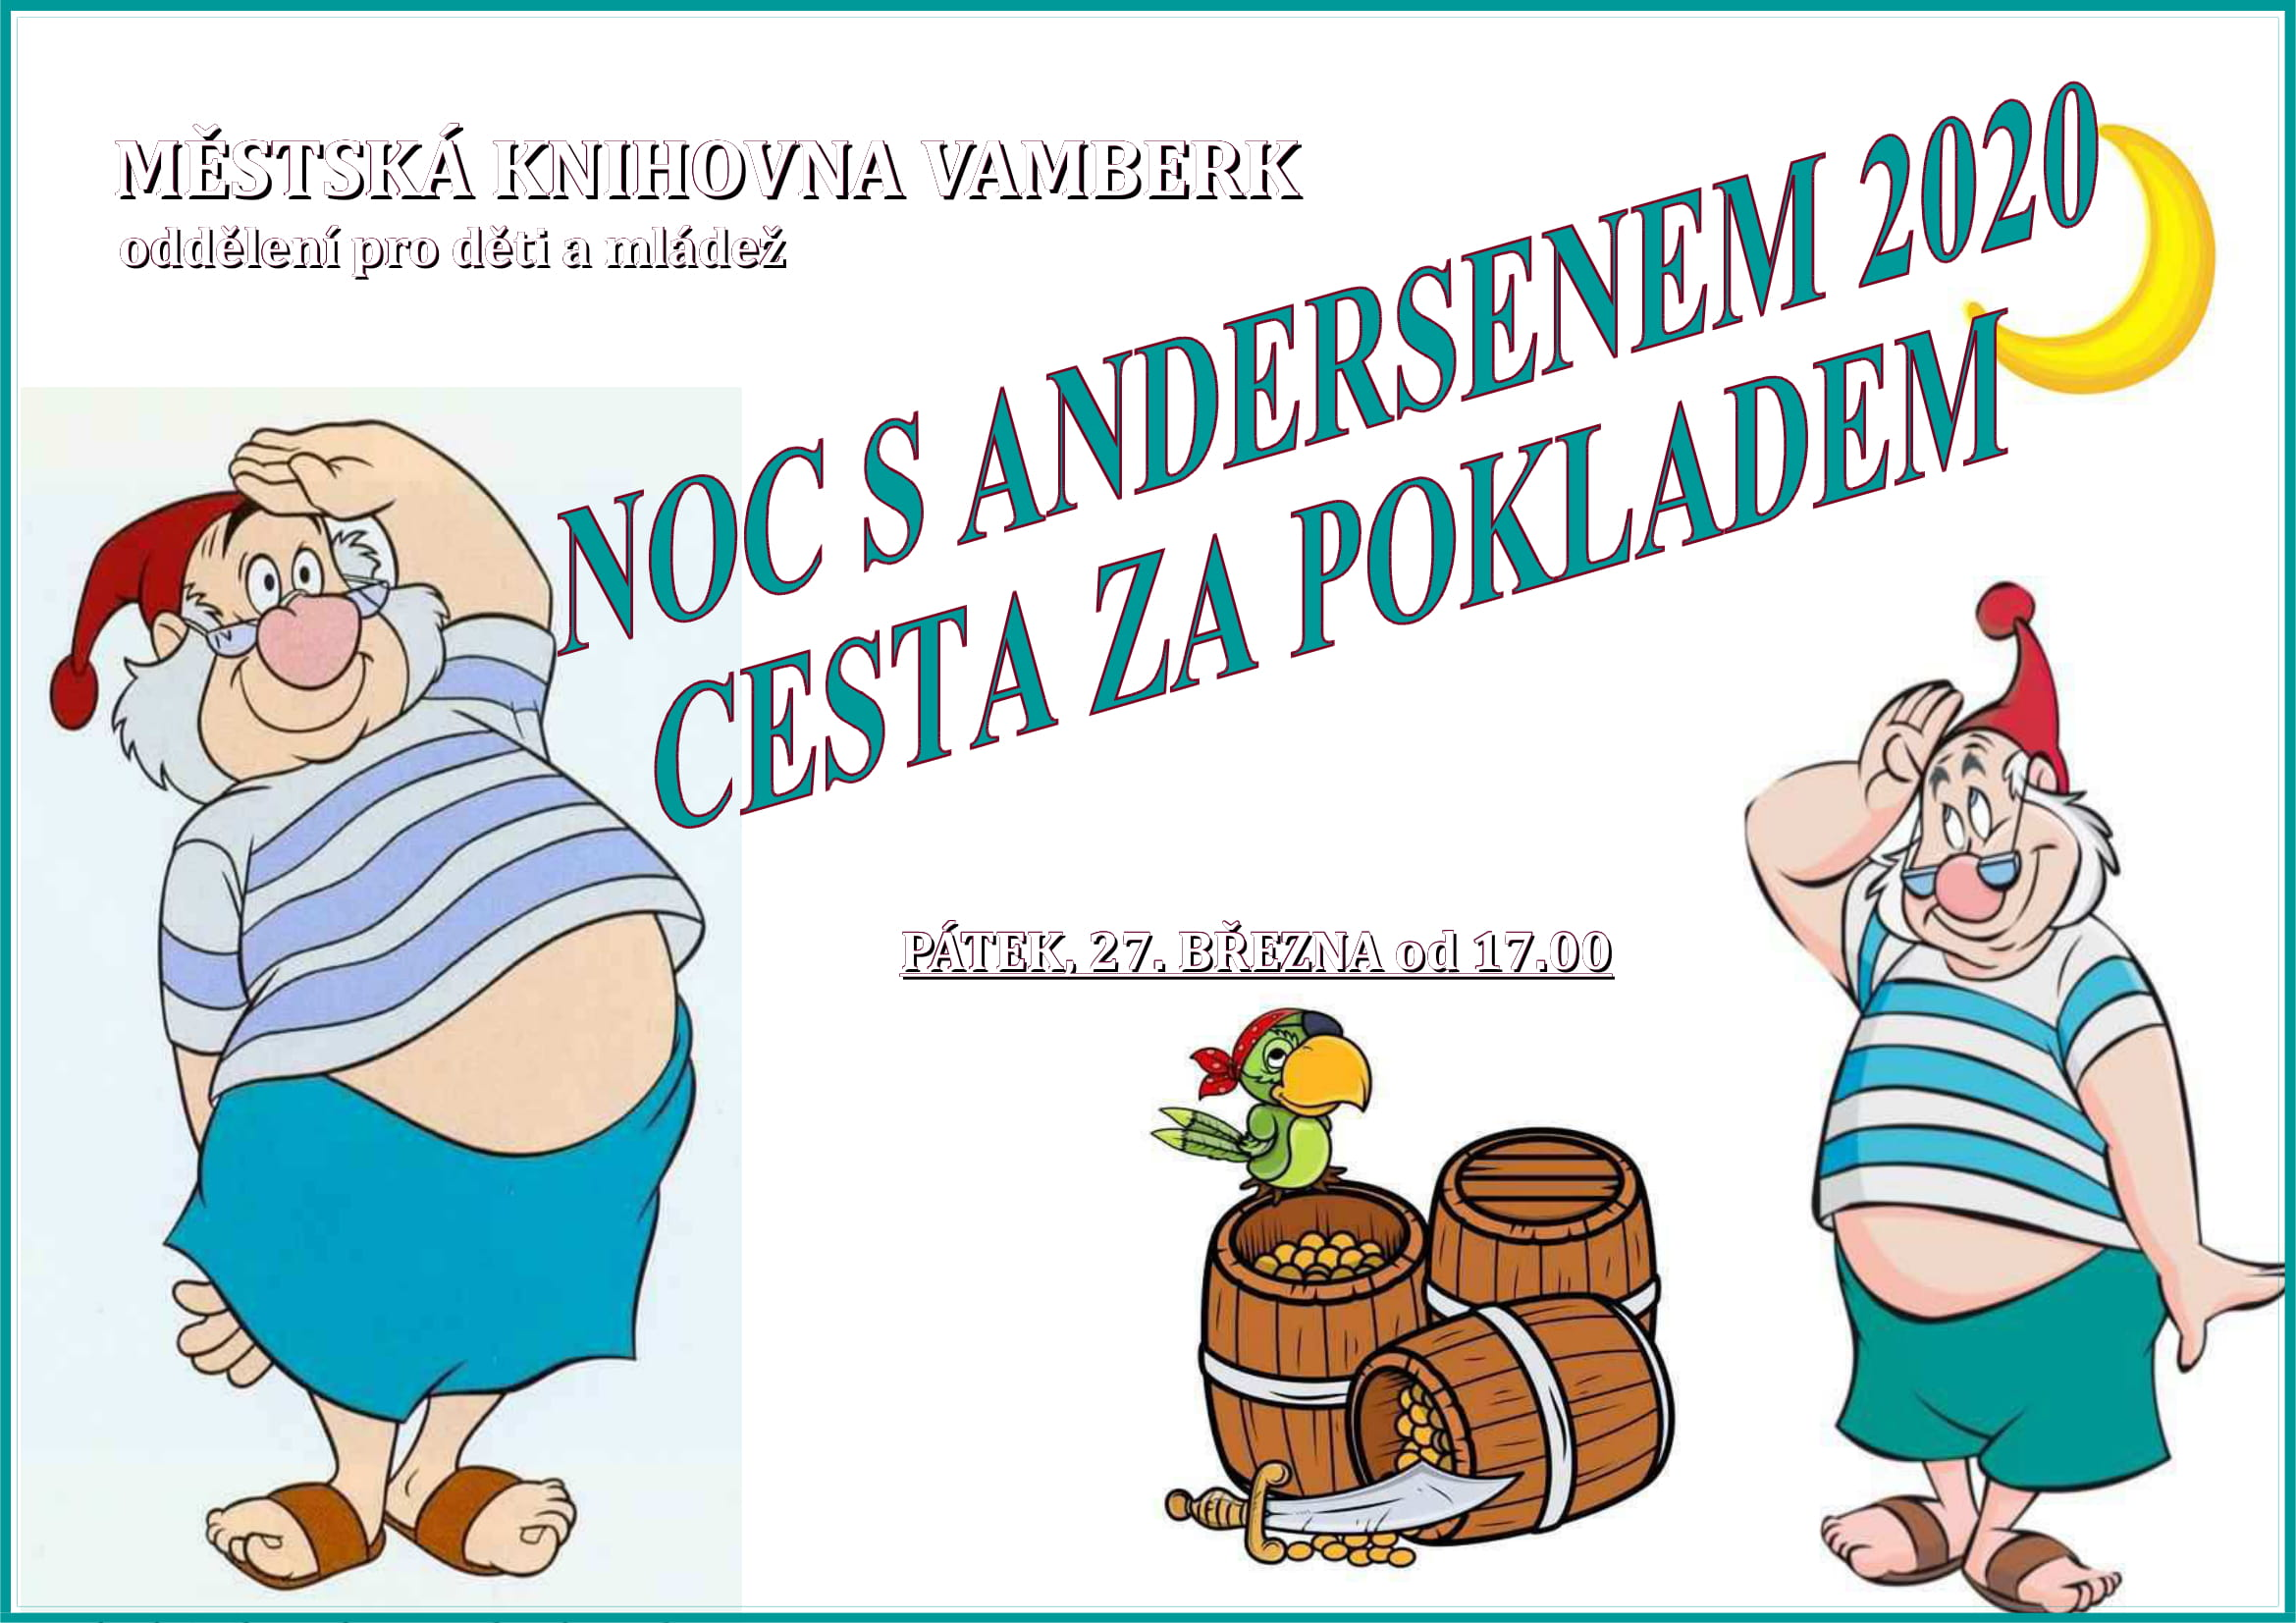 aNDERSEN 2020-1